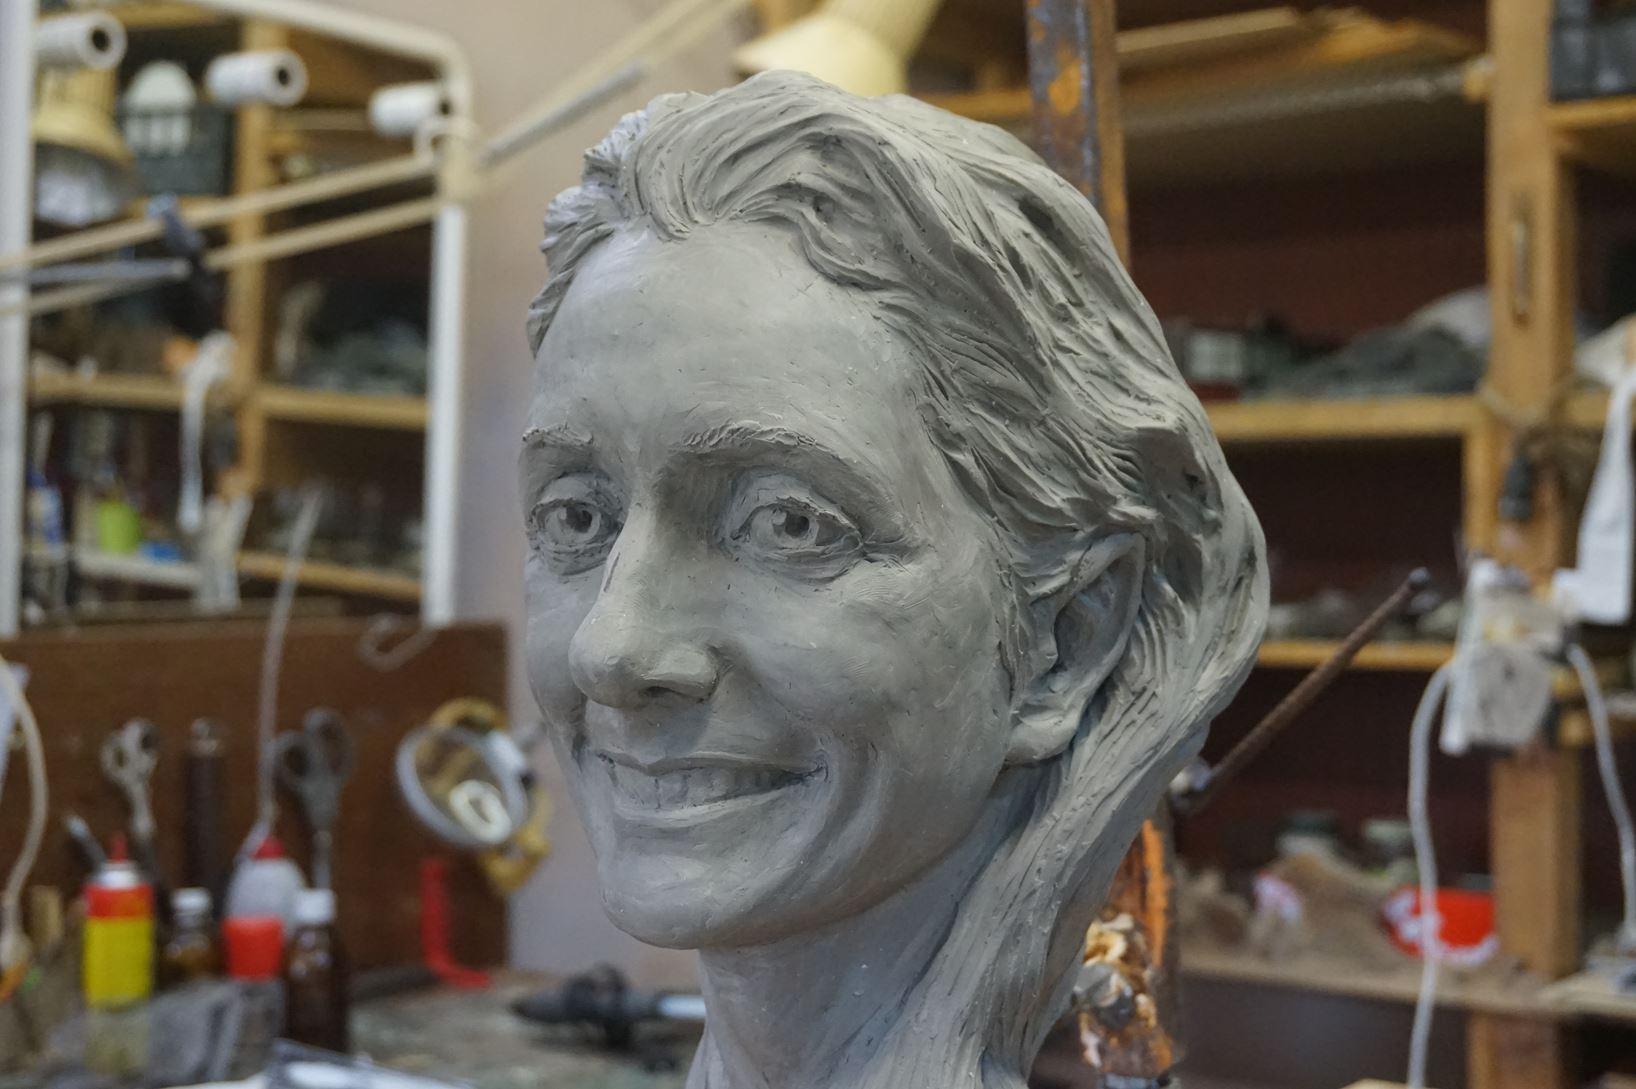 Ritratto scultoreo di un volto femminile